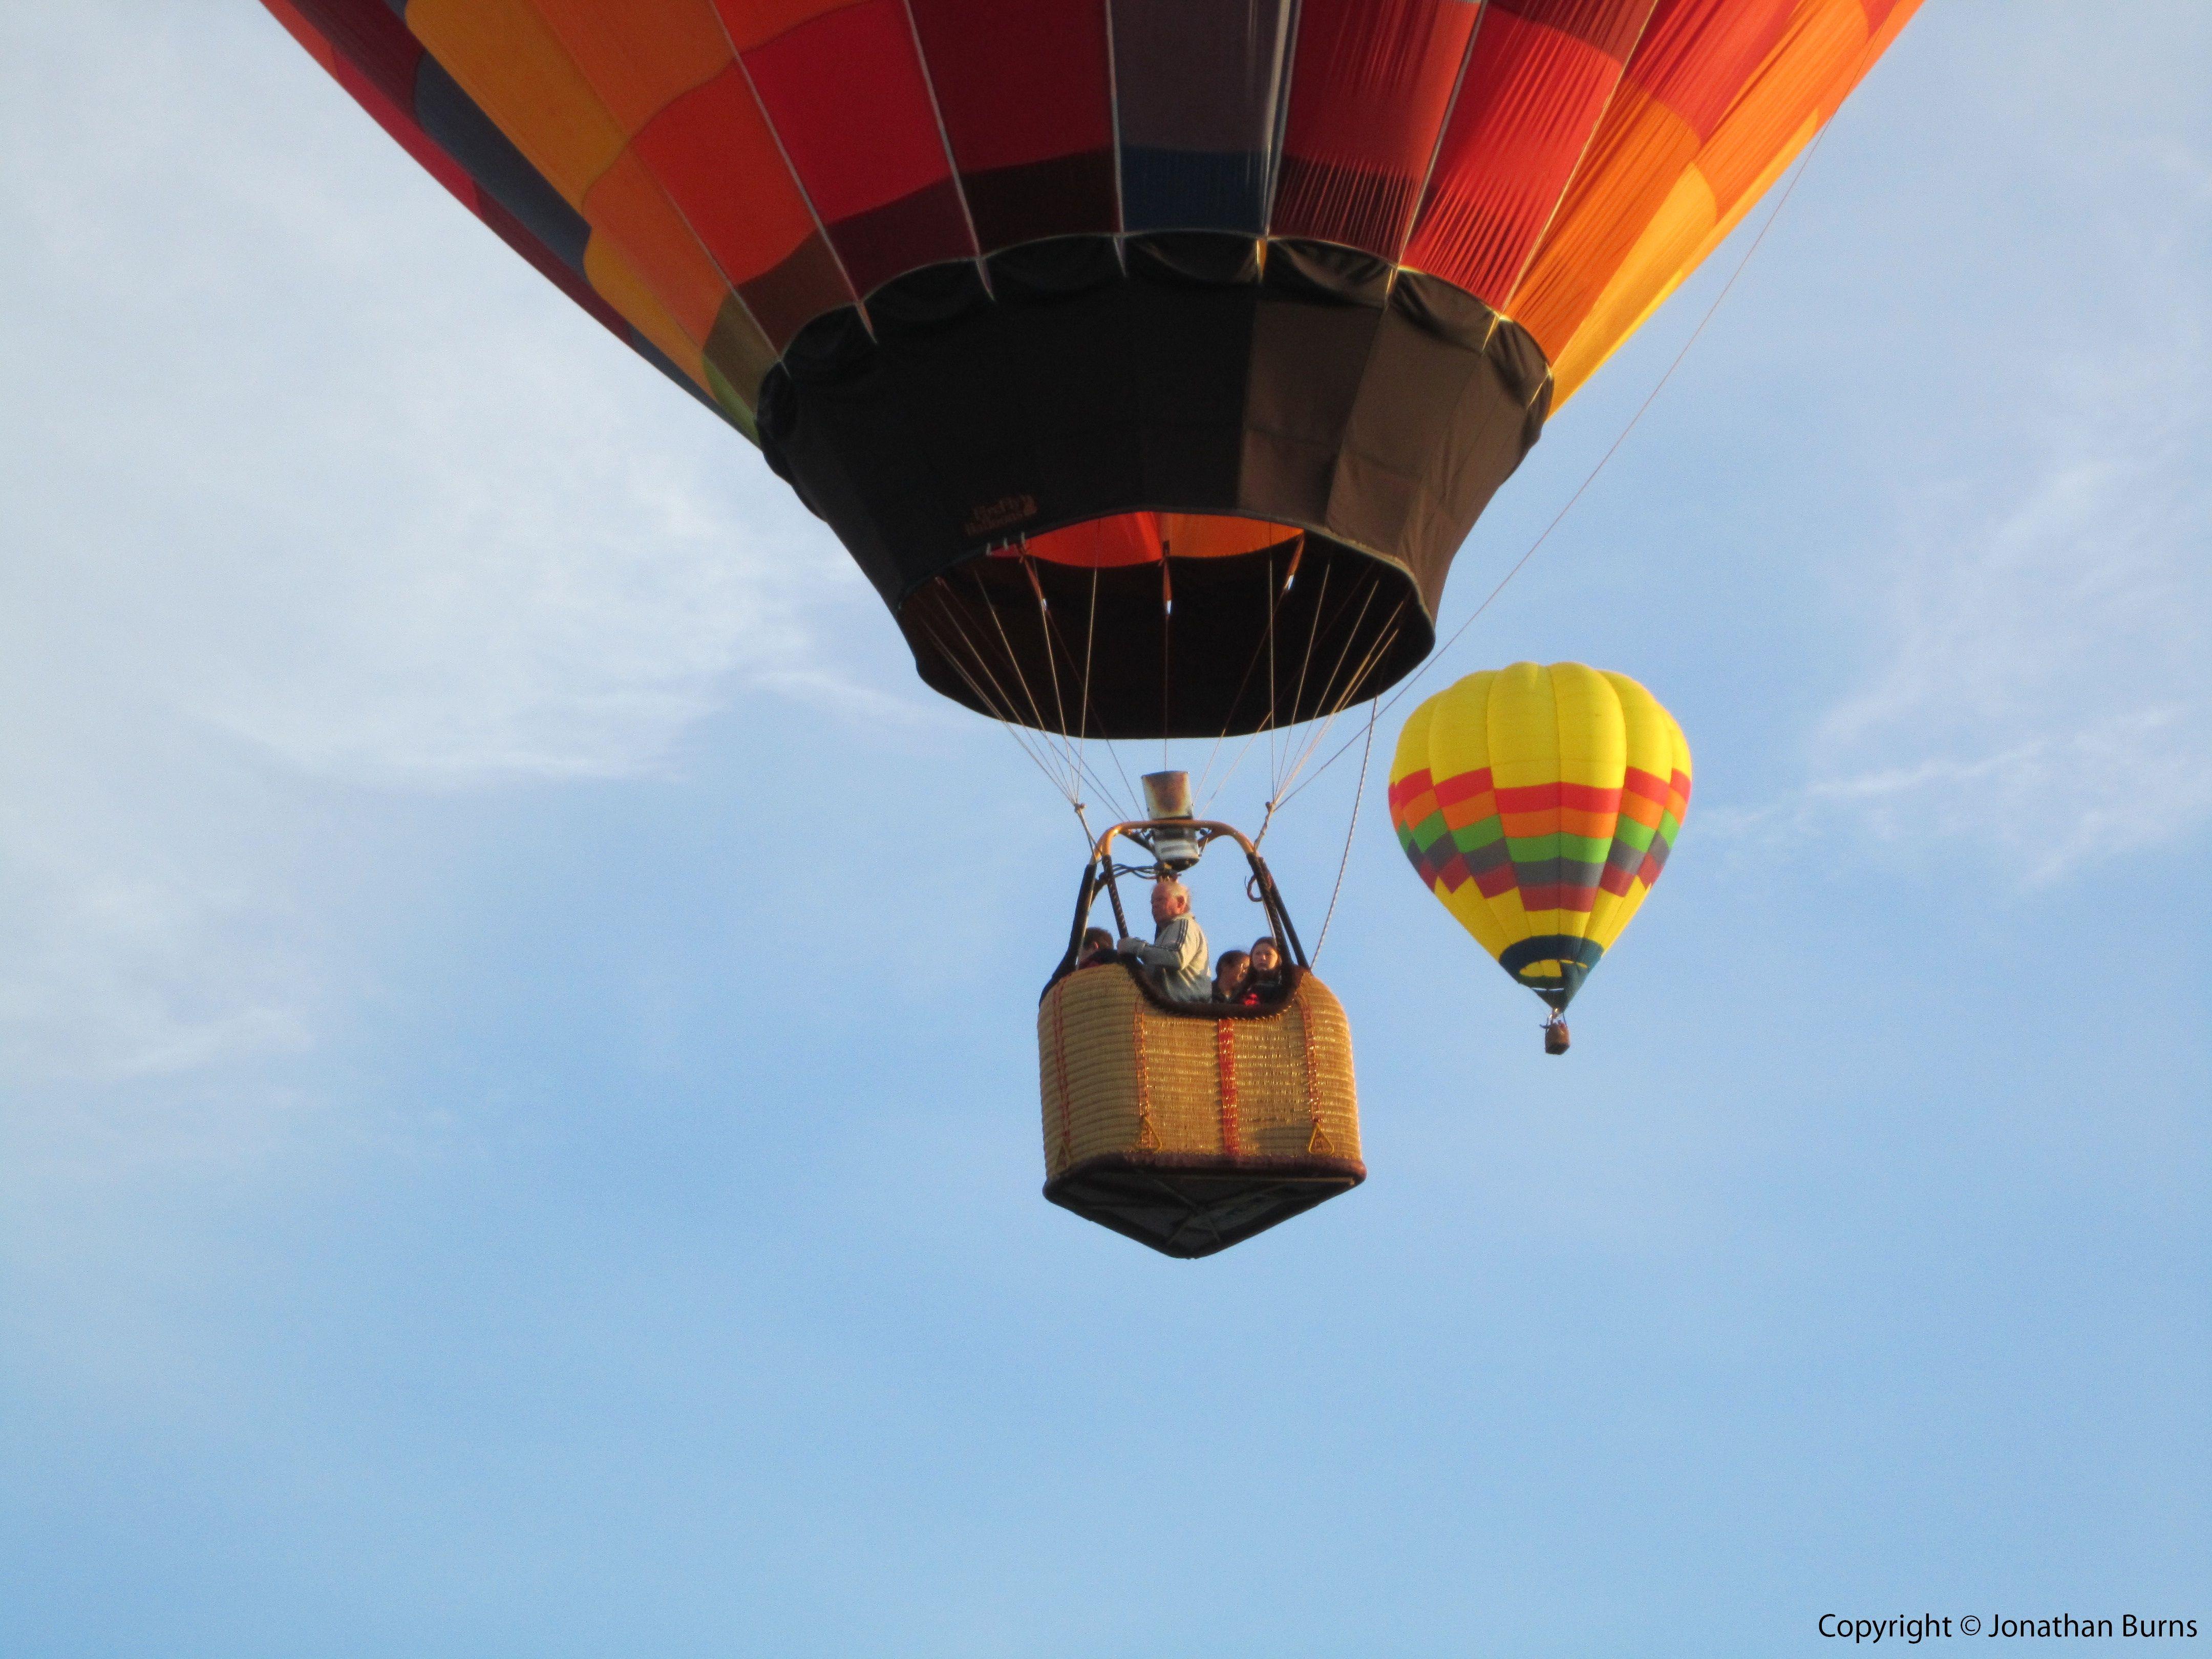 Pittsfield NH Balloon Festival Air balloon festival, Hot